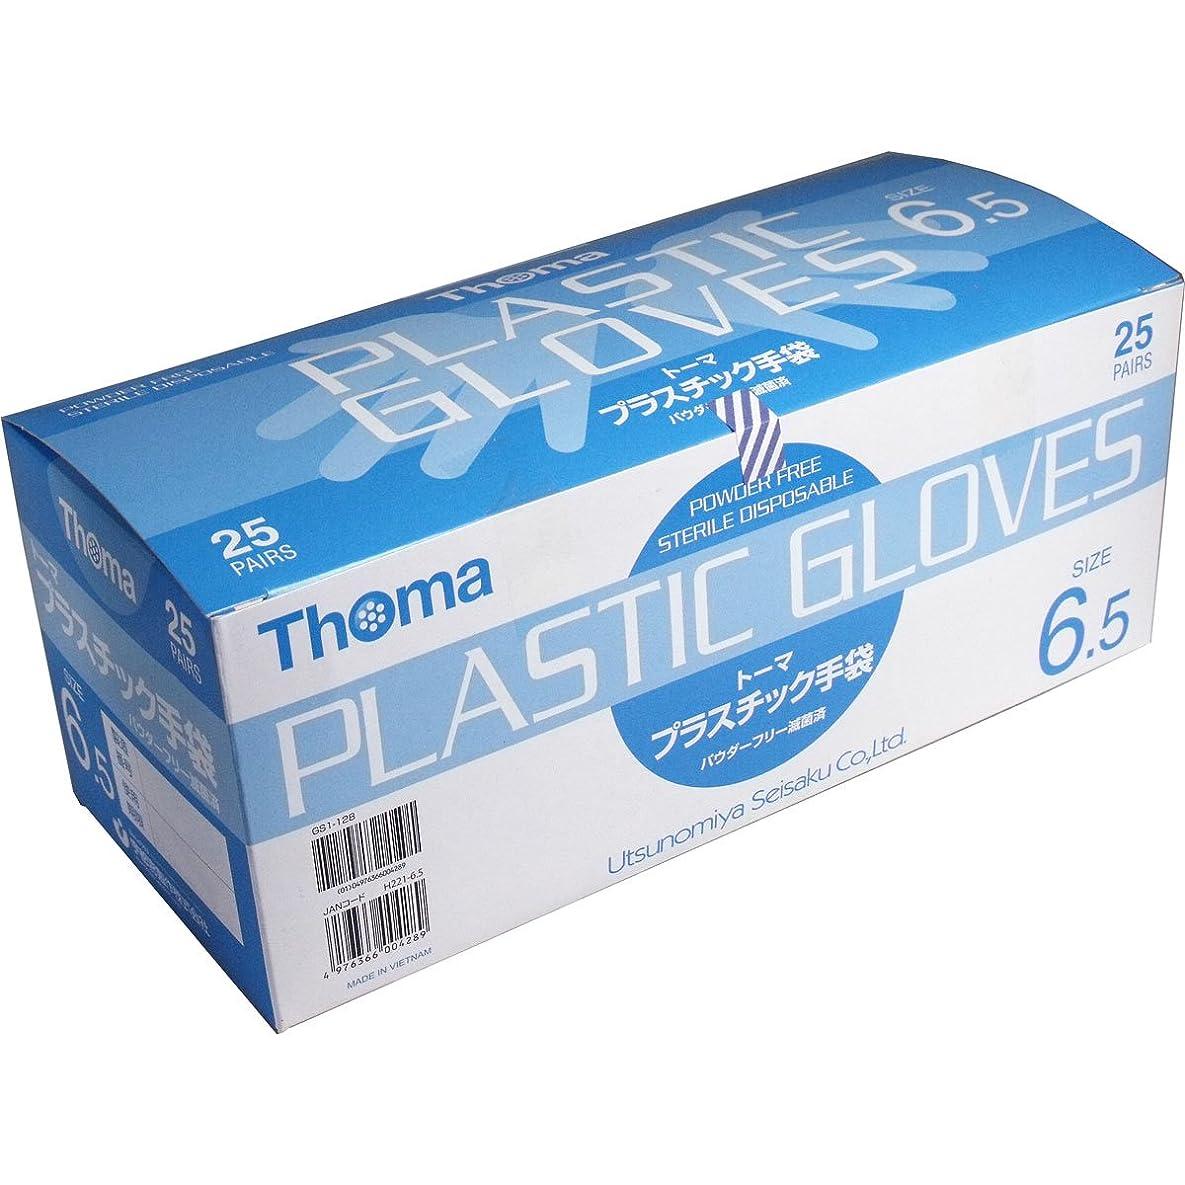 収縮最後の主流超薄手プラスチック手袋 1双毎に滅菌包装、衛生的 便利 トーマ プラスチック手袋 パウダーフリー滅菌済 25双入 サイズ6.5【5個セット】